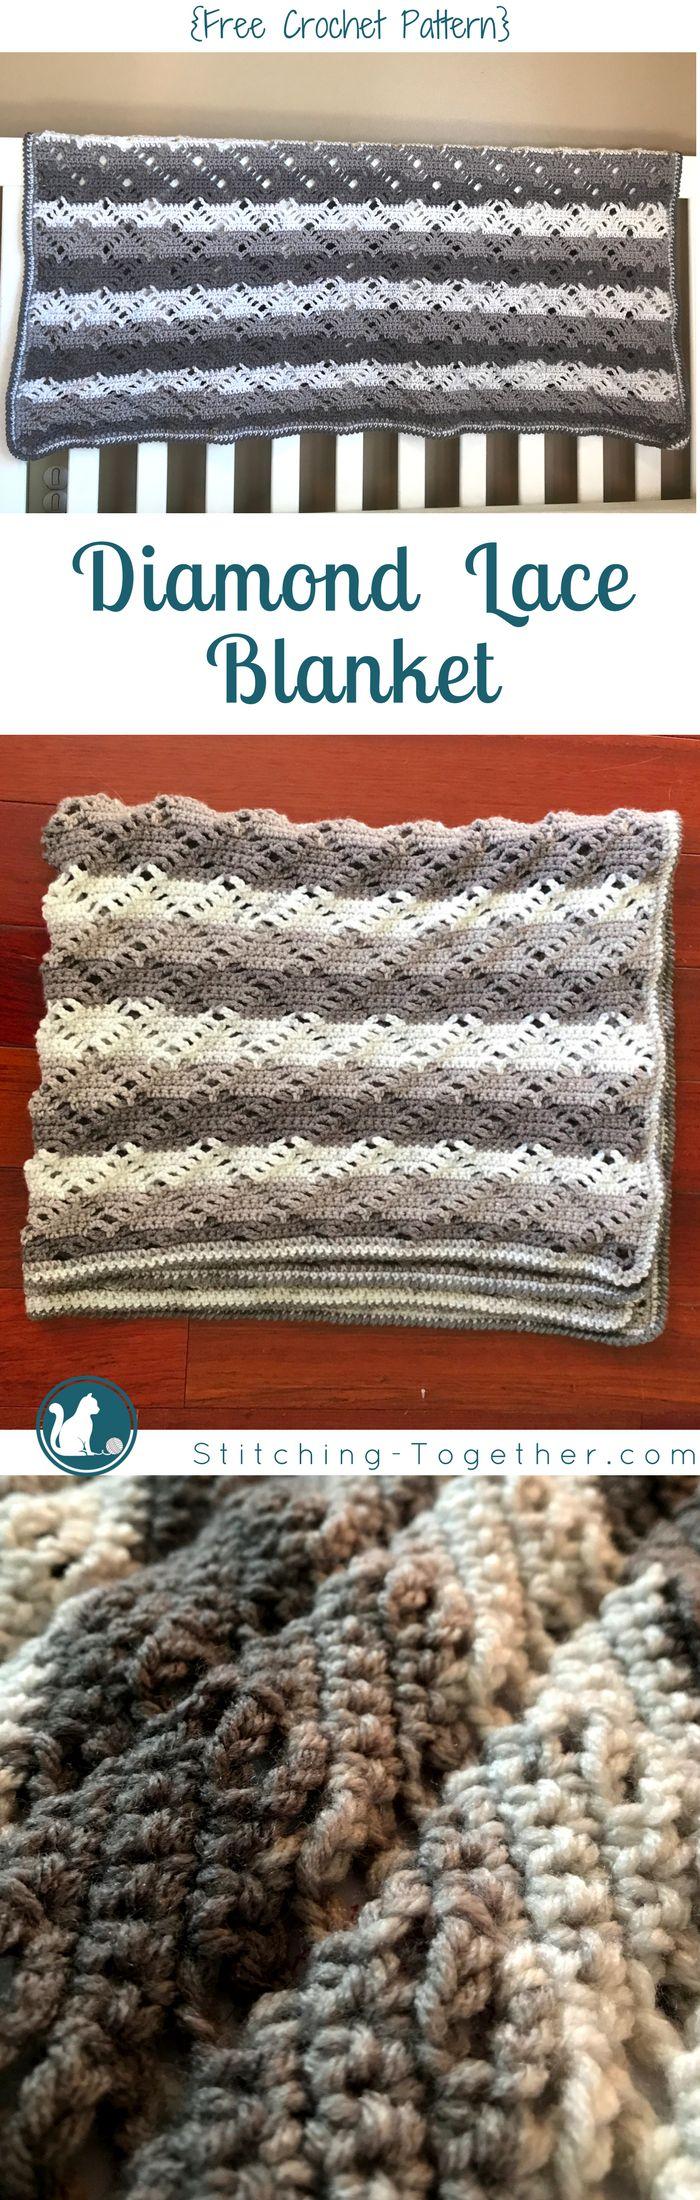 439 best Crochet afghans images on Pinterest | Crochet blankets ...